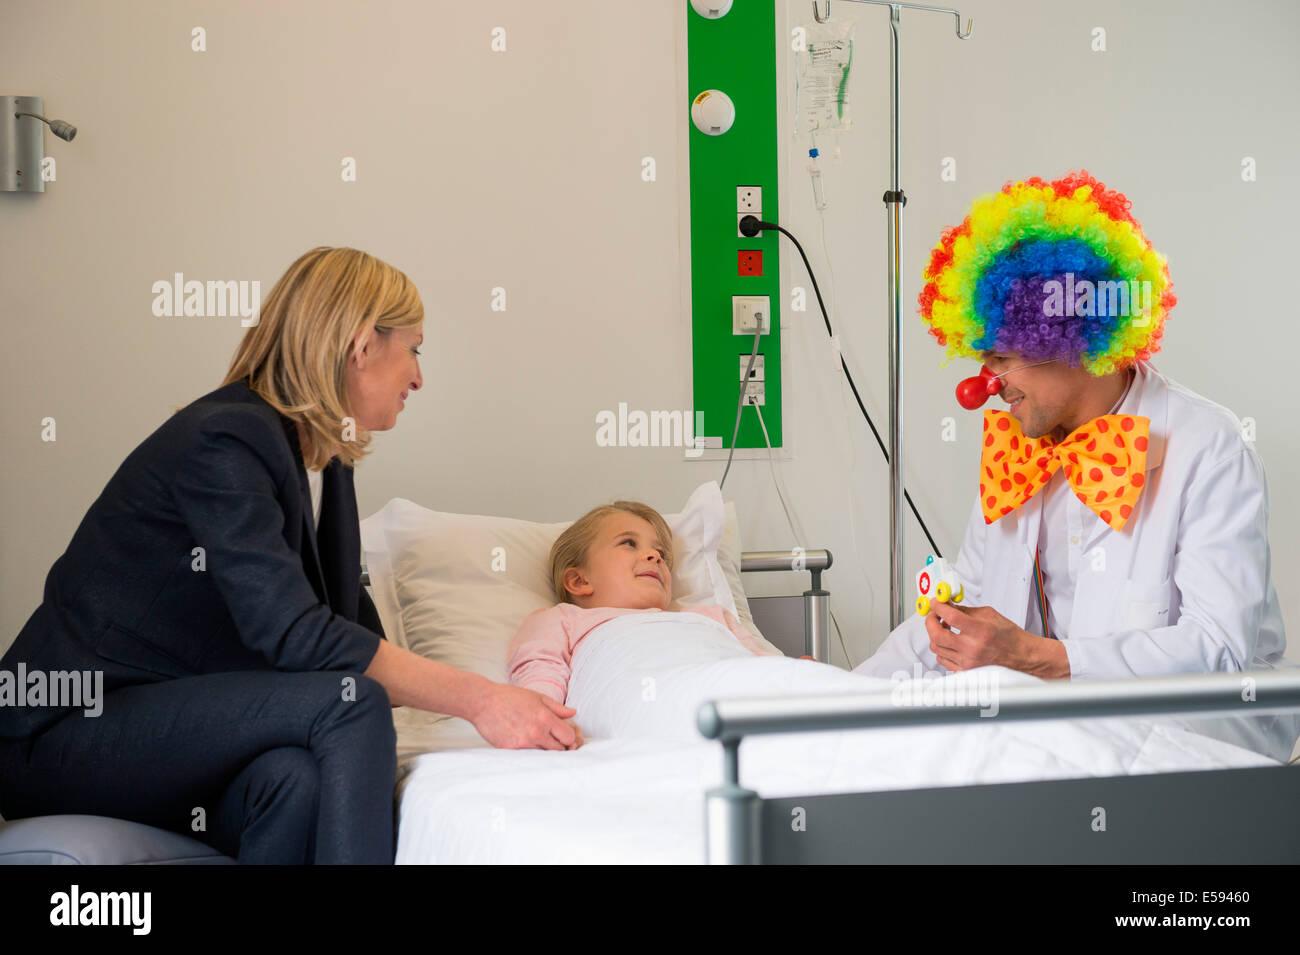 Männlichen Arzt mit Clown Kostüm machen Mädchen geduldig Lächeln im Krankenhausbett Stockfoto